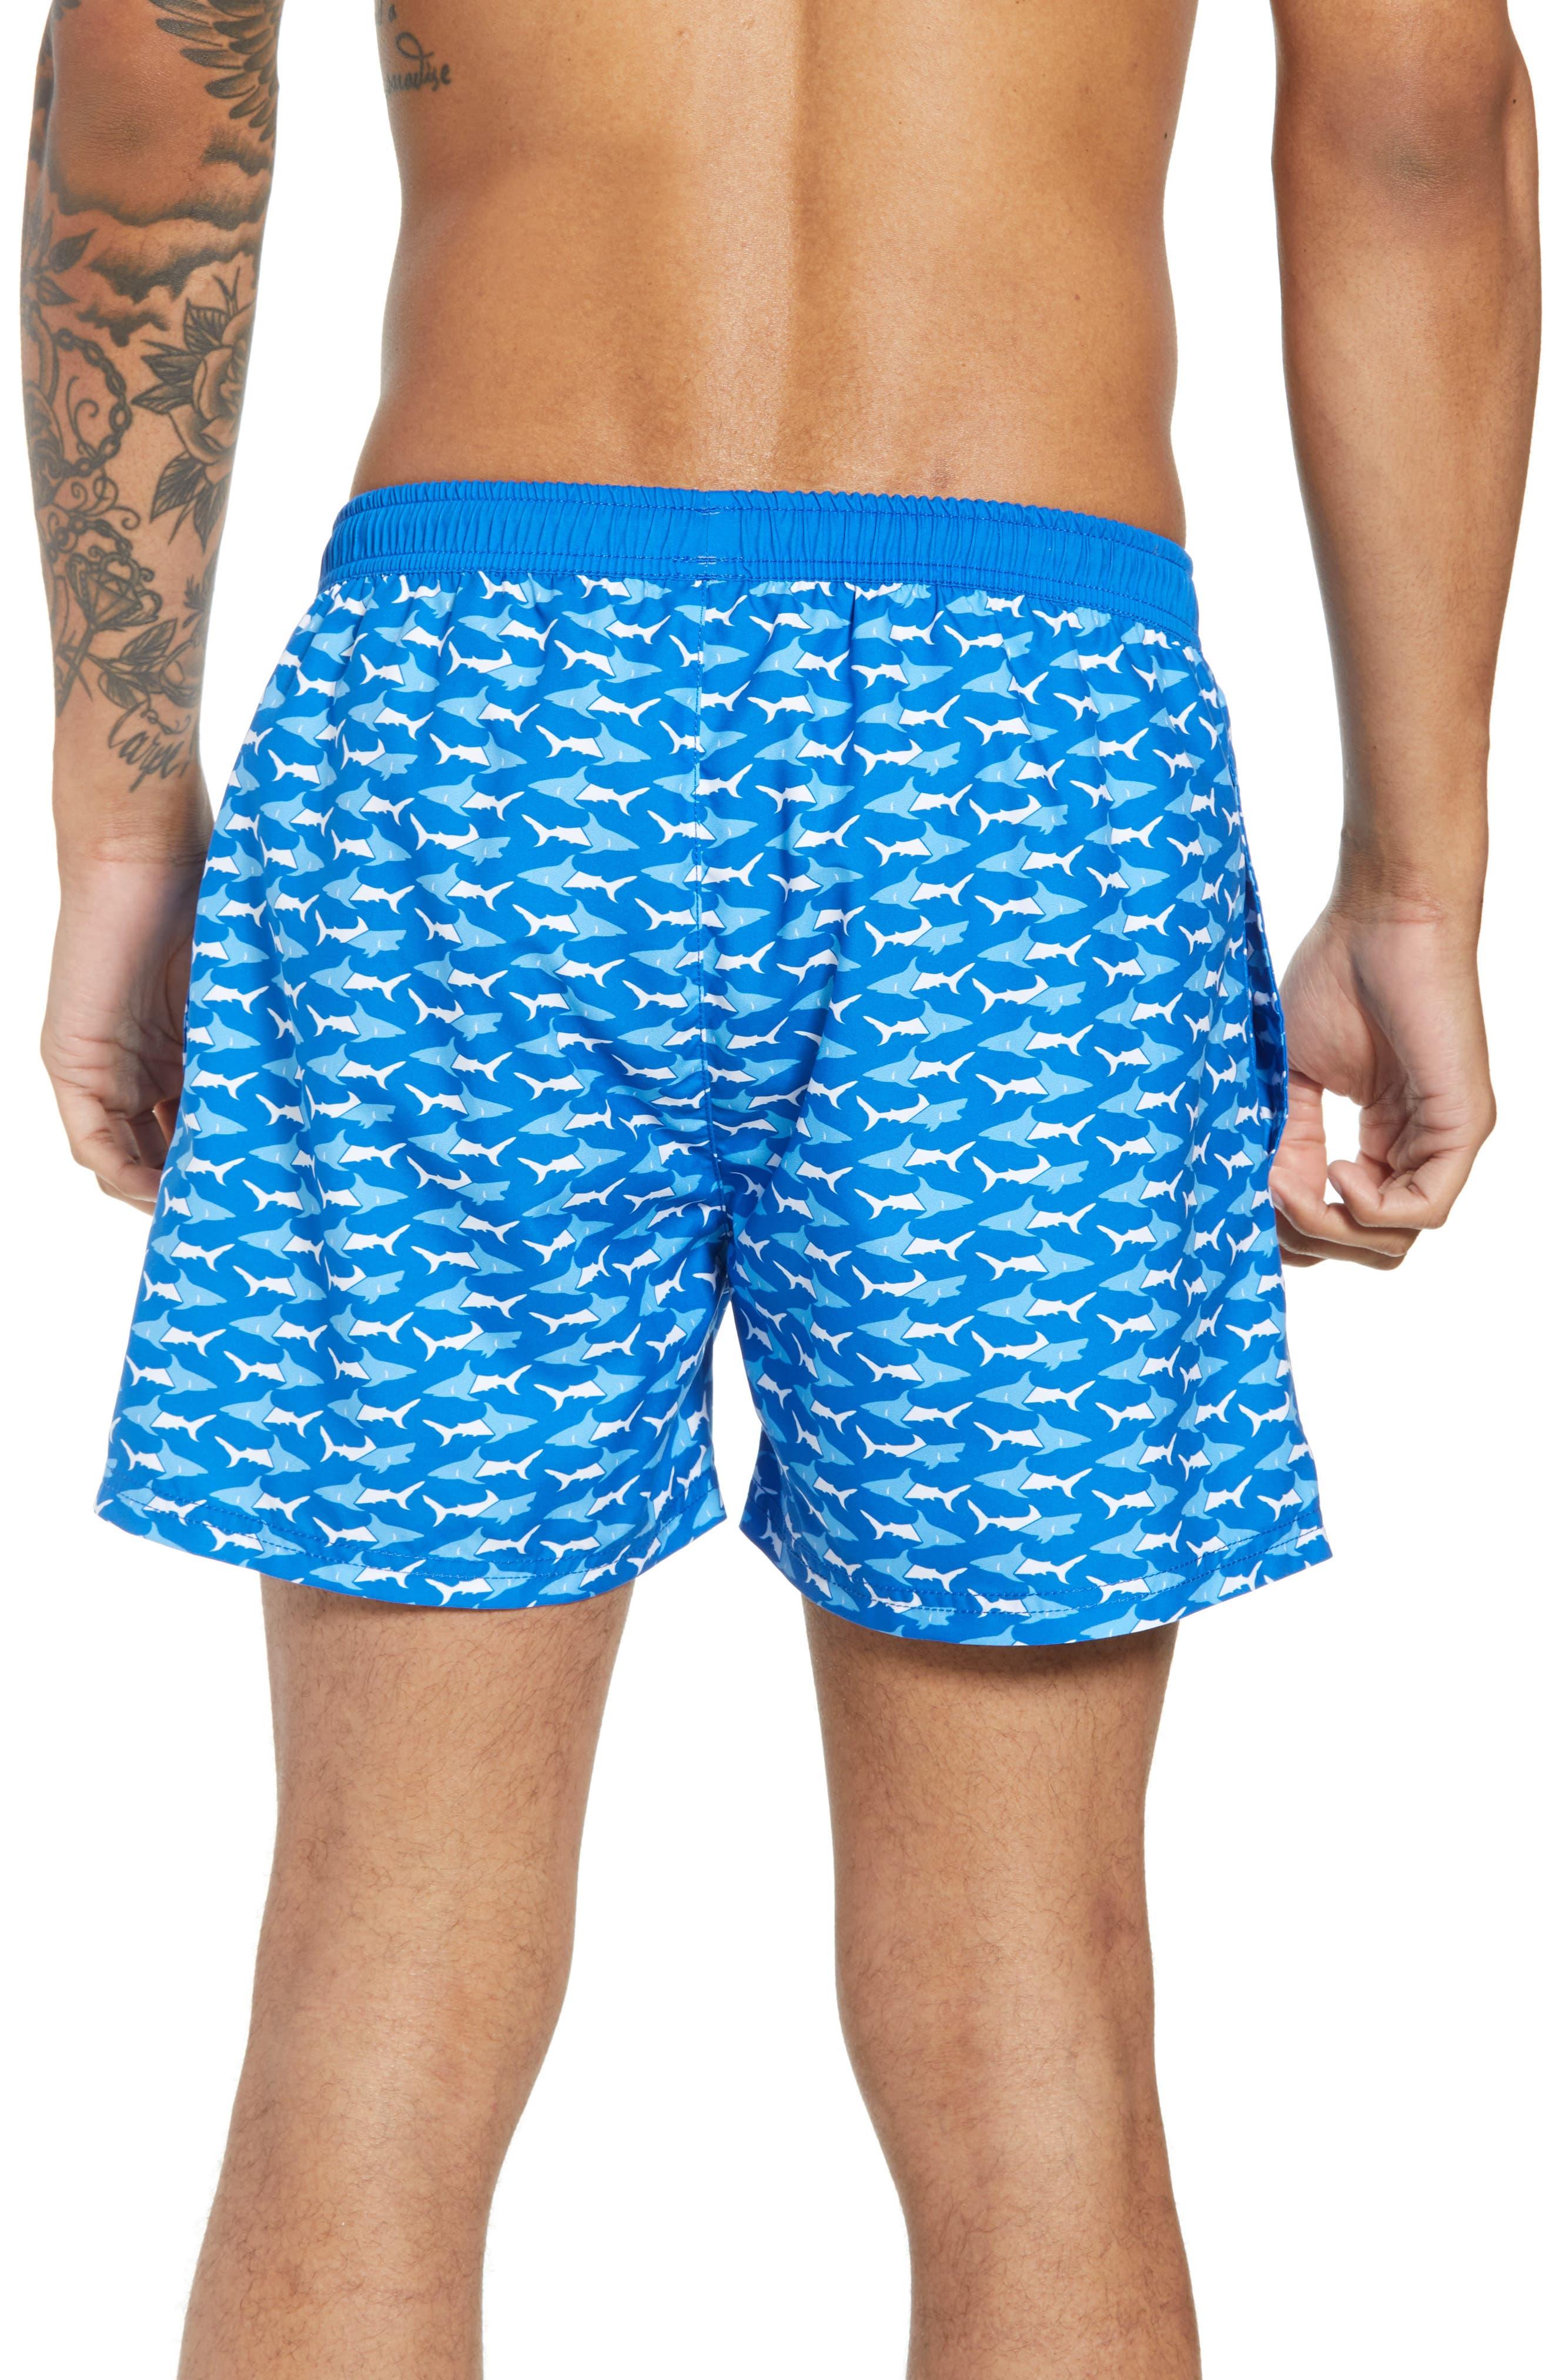 Piranha Shark Swim Trunks,                             Alternate thumbnail 2, color,                             Blue